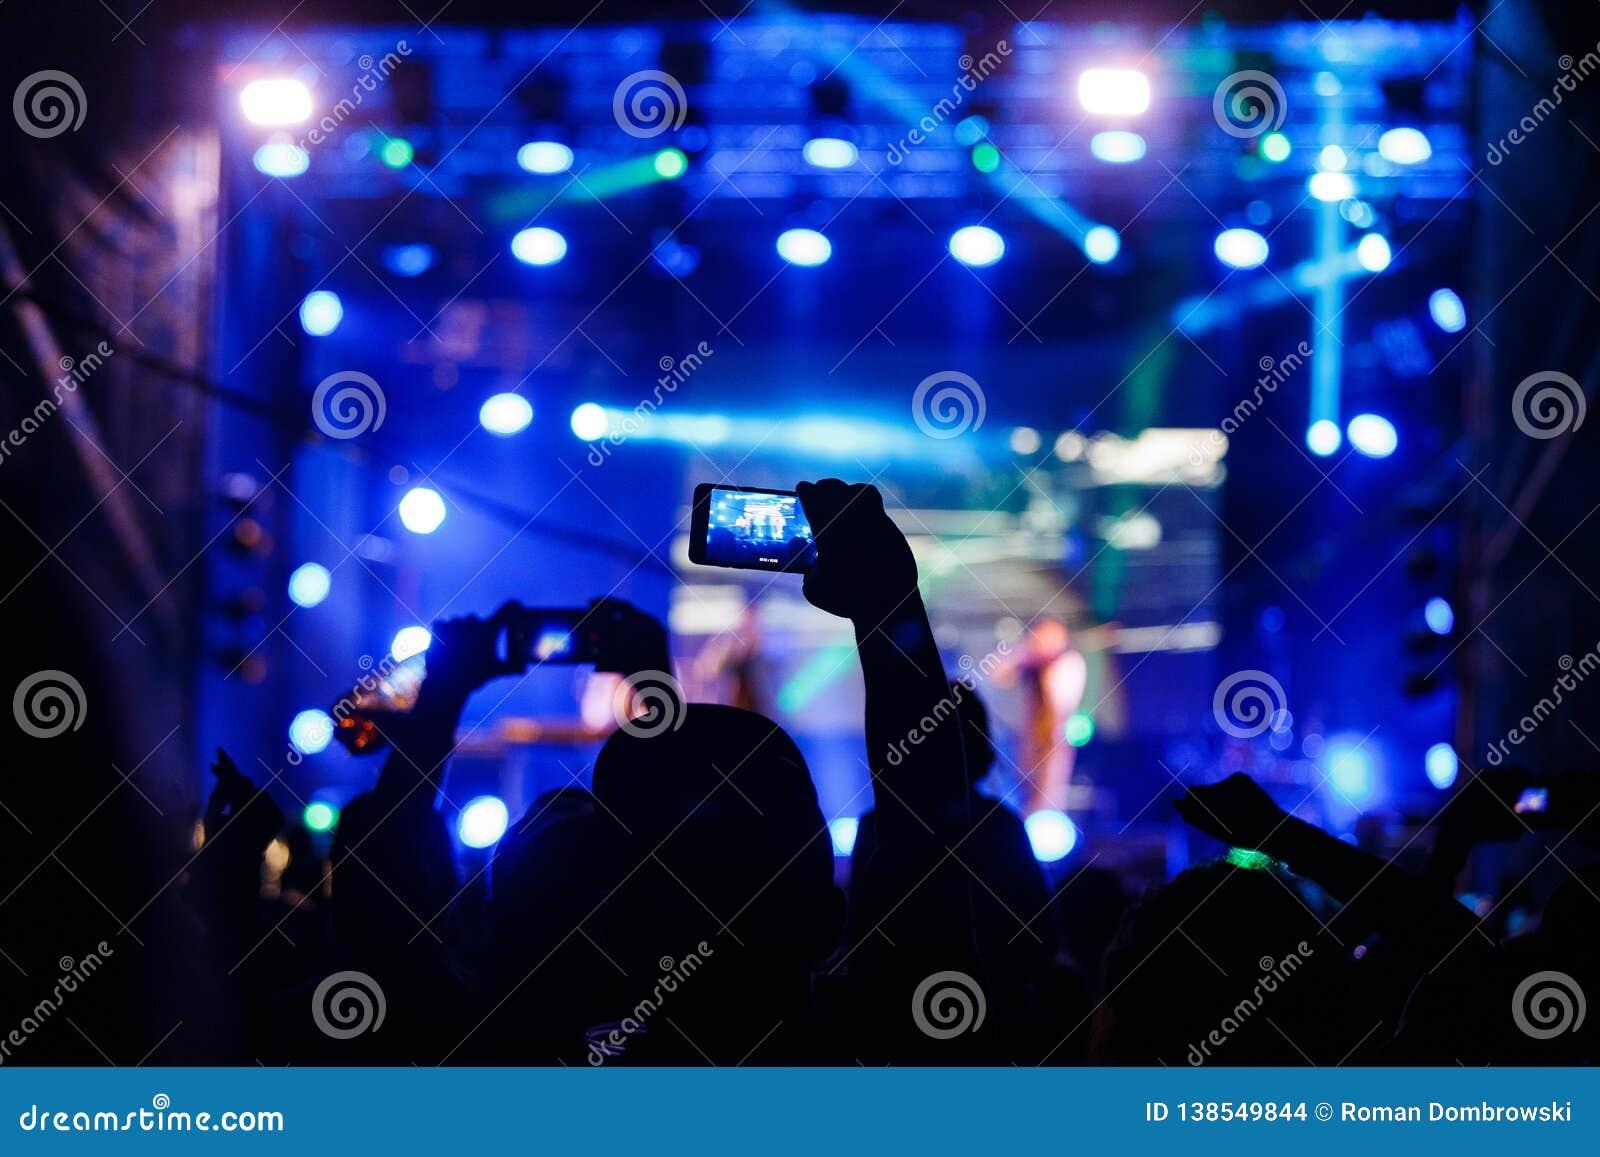 音乐会射击录影或照片的人们